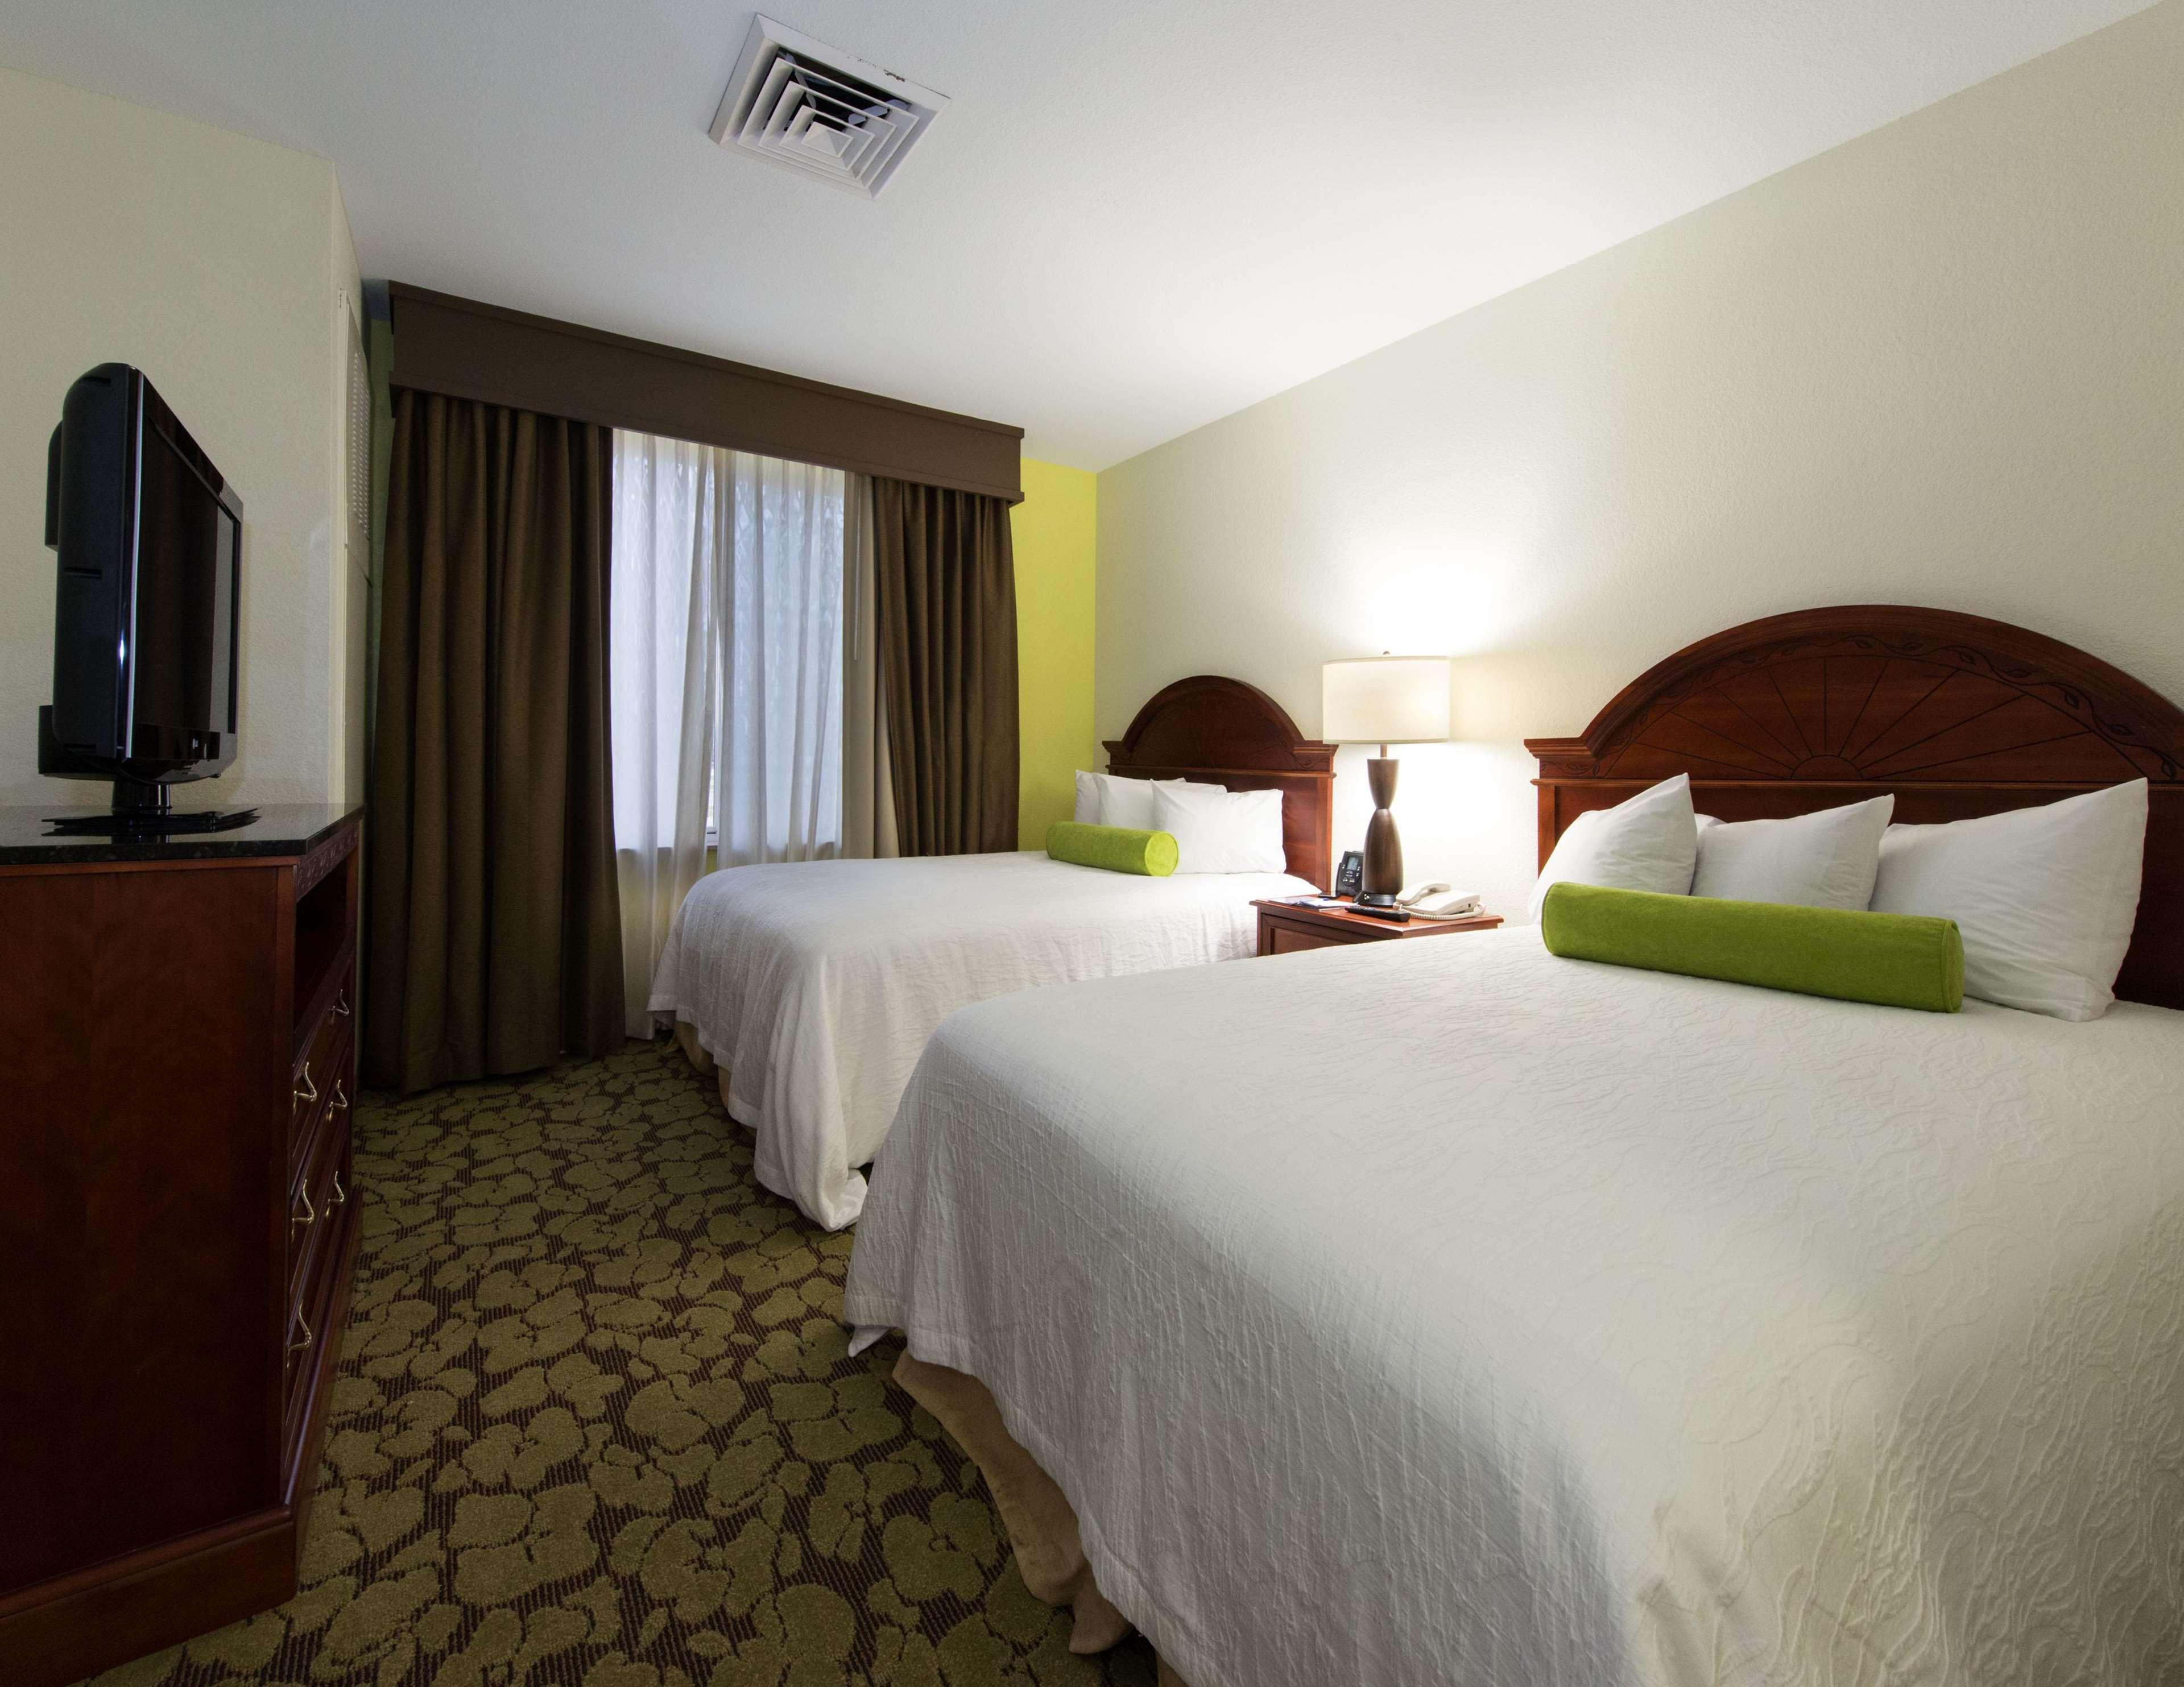 Hilton Garden Inn Lafayette/Cajundome image 19